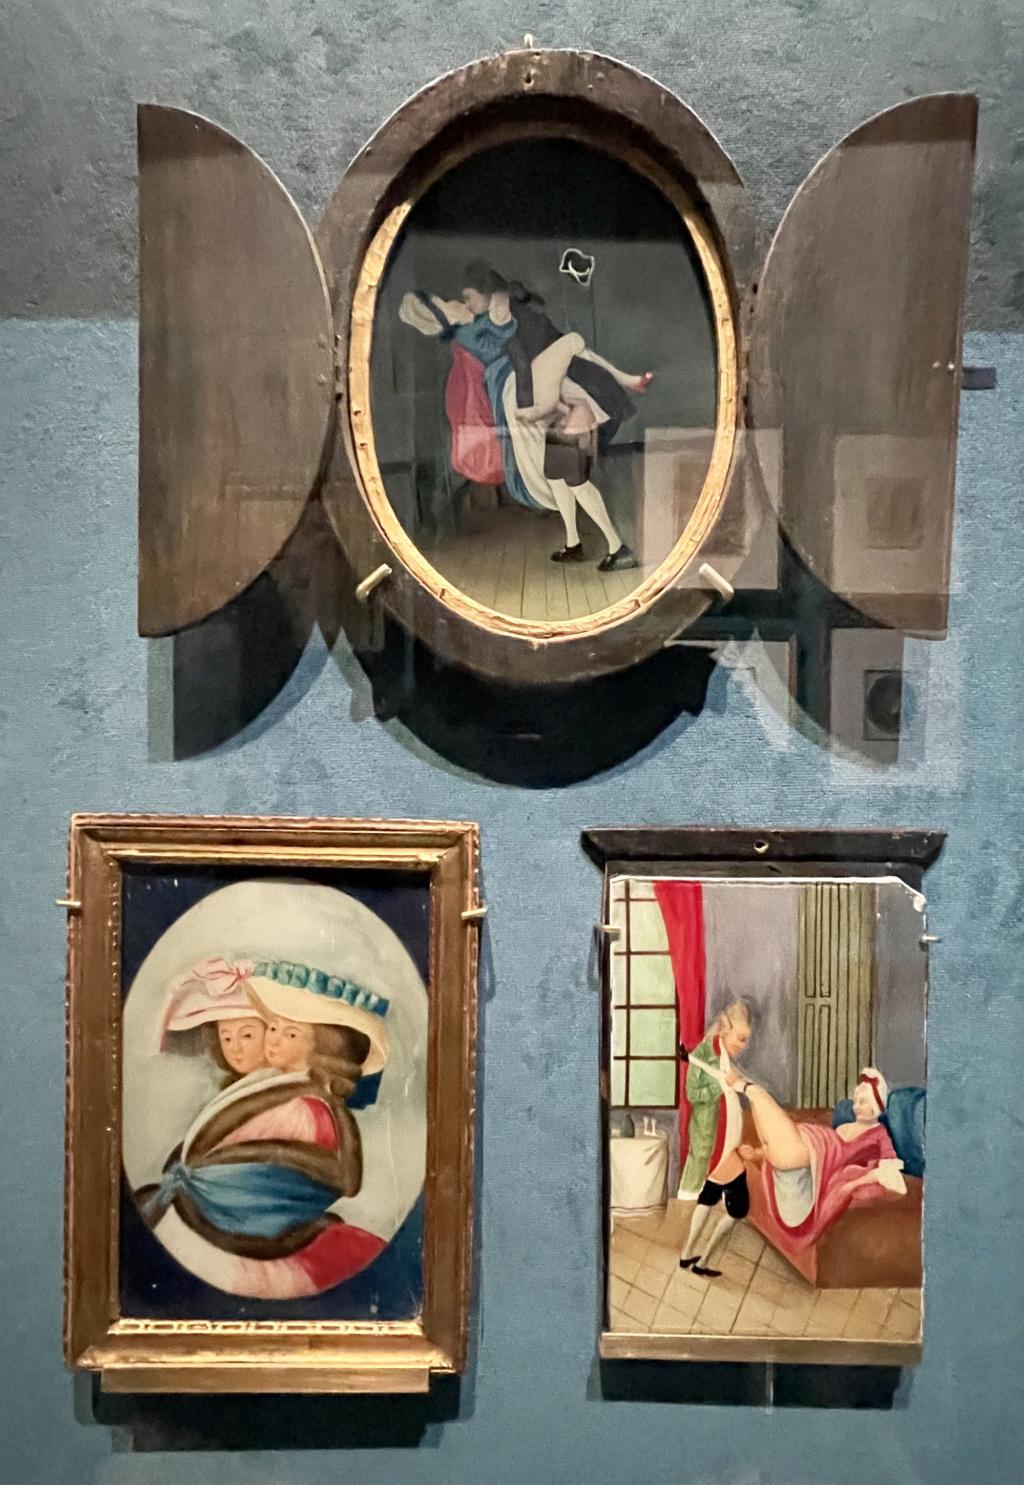 Exposition : L'Empire des sens, de François Boucher à Jean-Baptiste Greuze, au musée Cognacq-Jay 618d2410